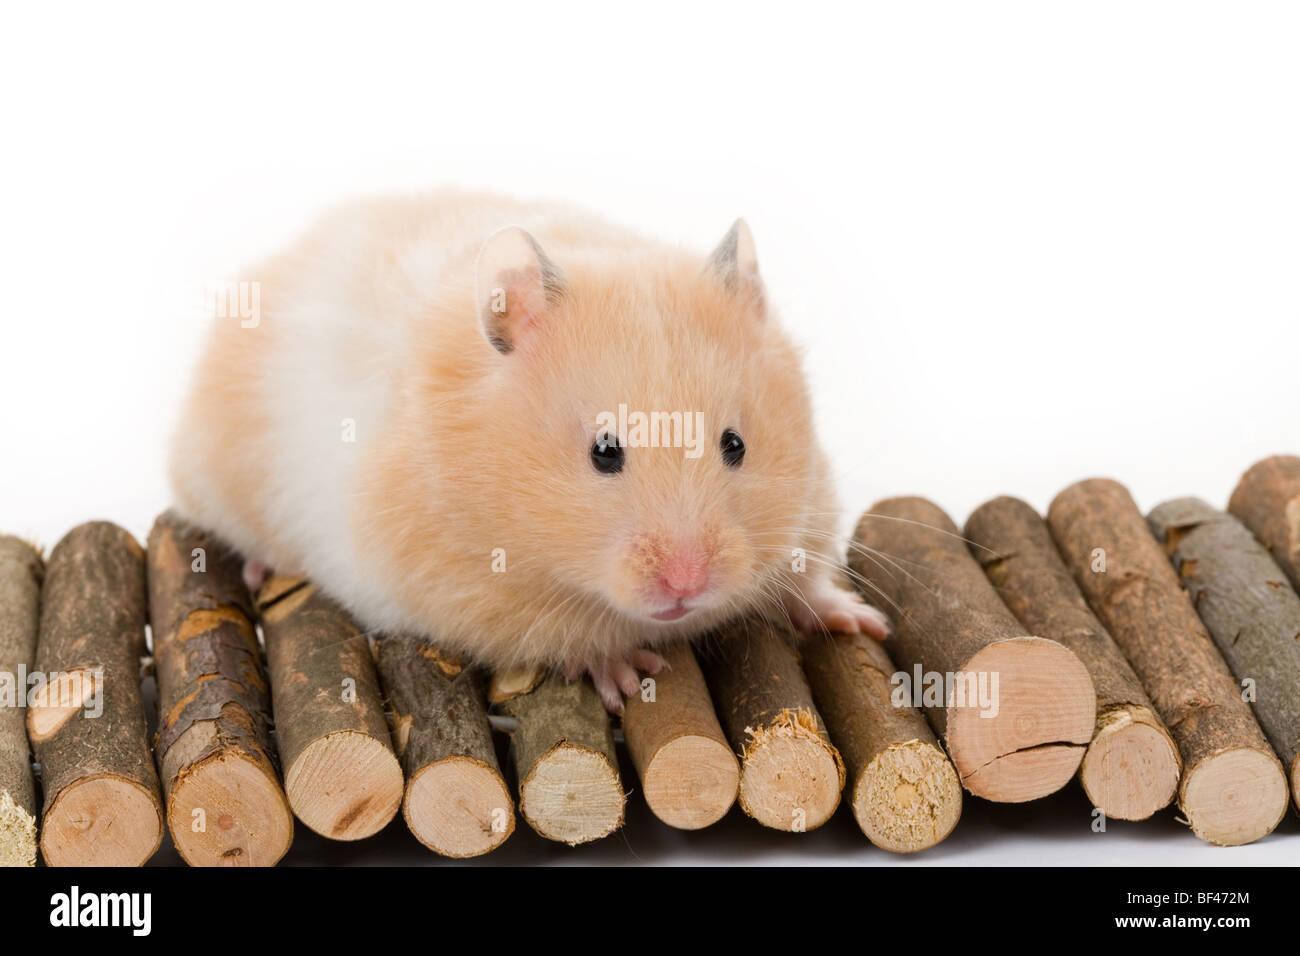 Teddy Bear Hamster Stock Photos & Teddy Bear Hamster Stock